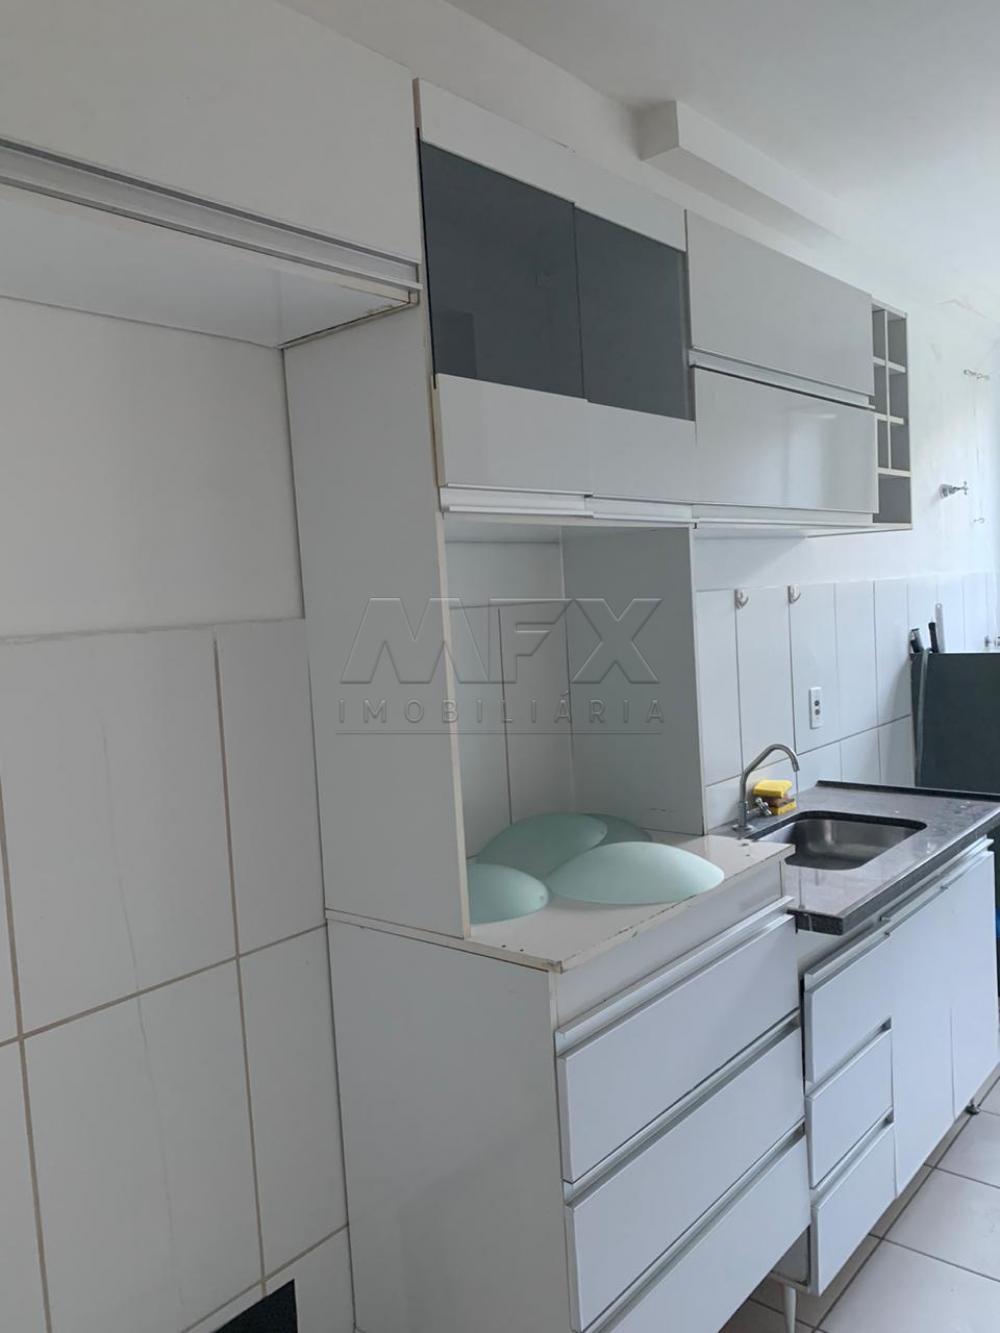 Alugar Apartamento / Padrão em Bauru apenas R$ 850,00 - Foto 2